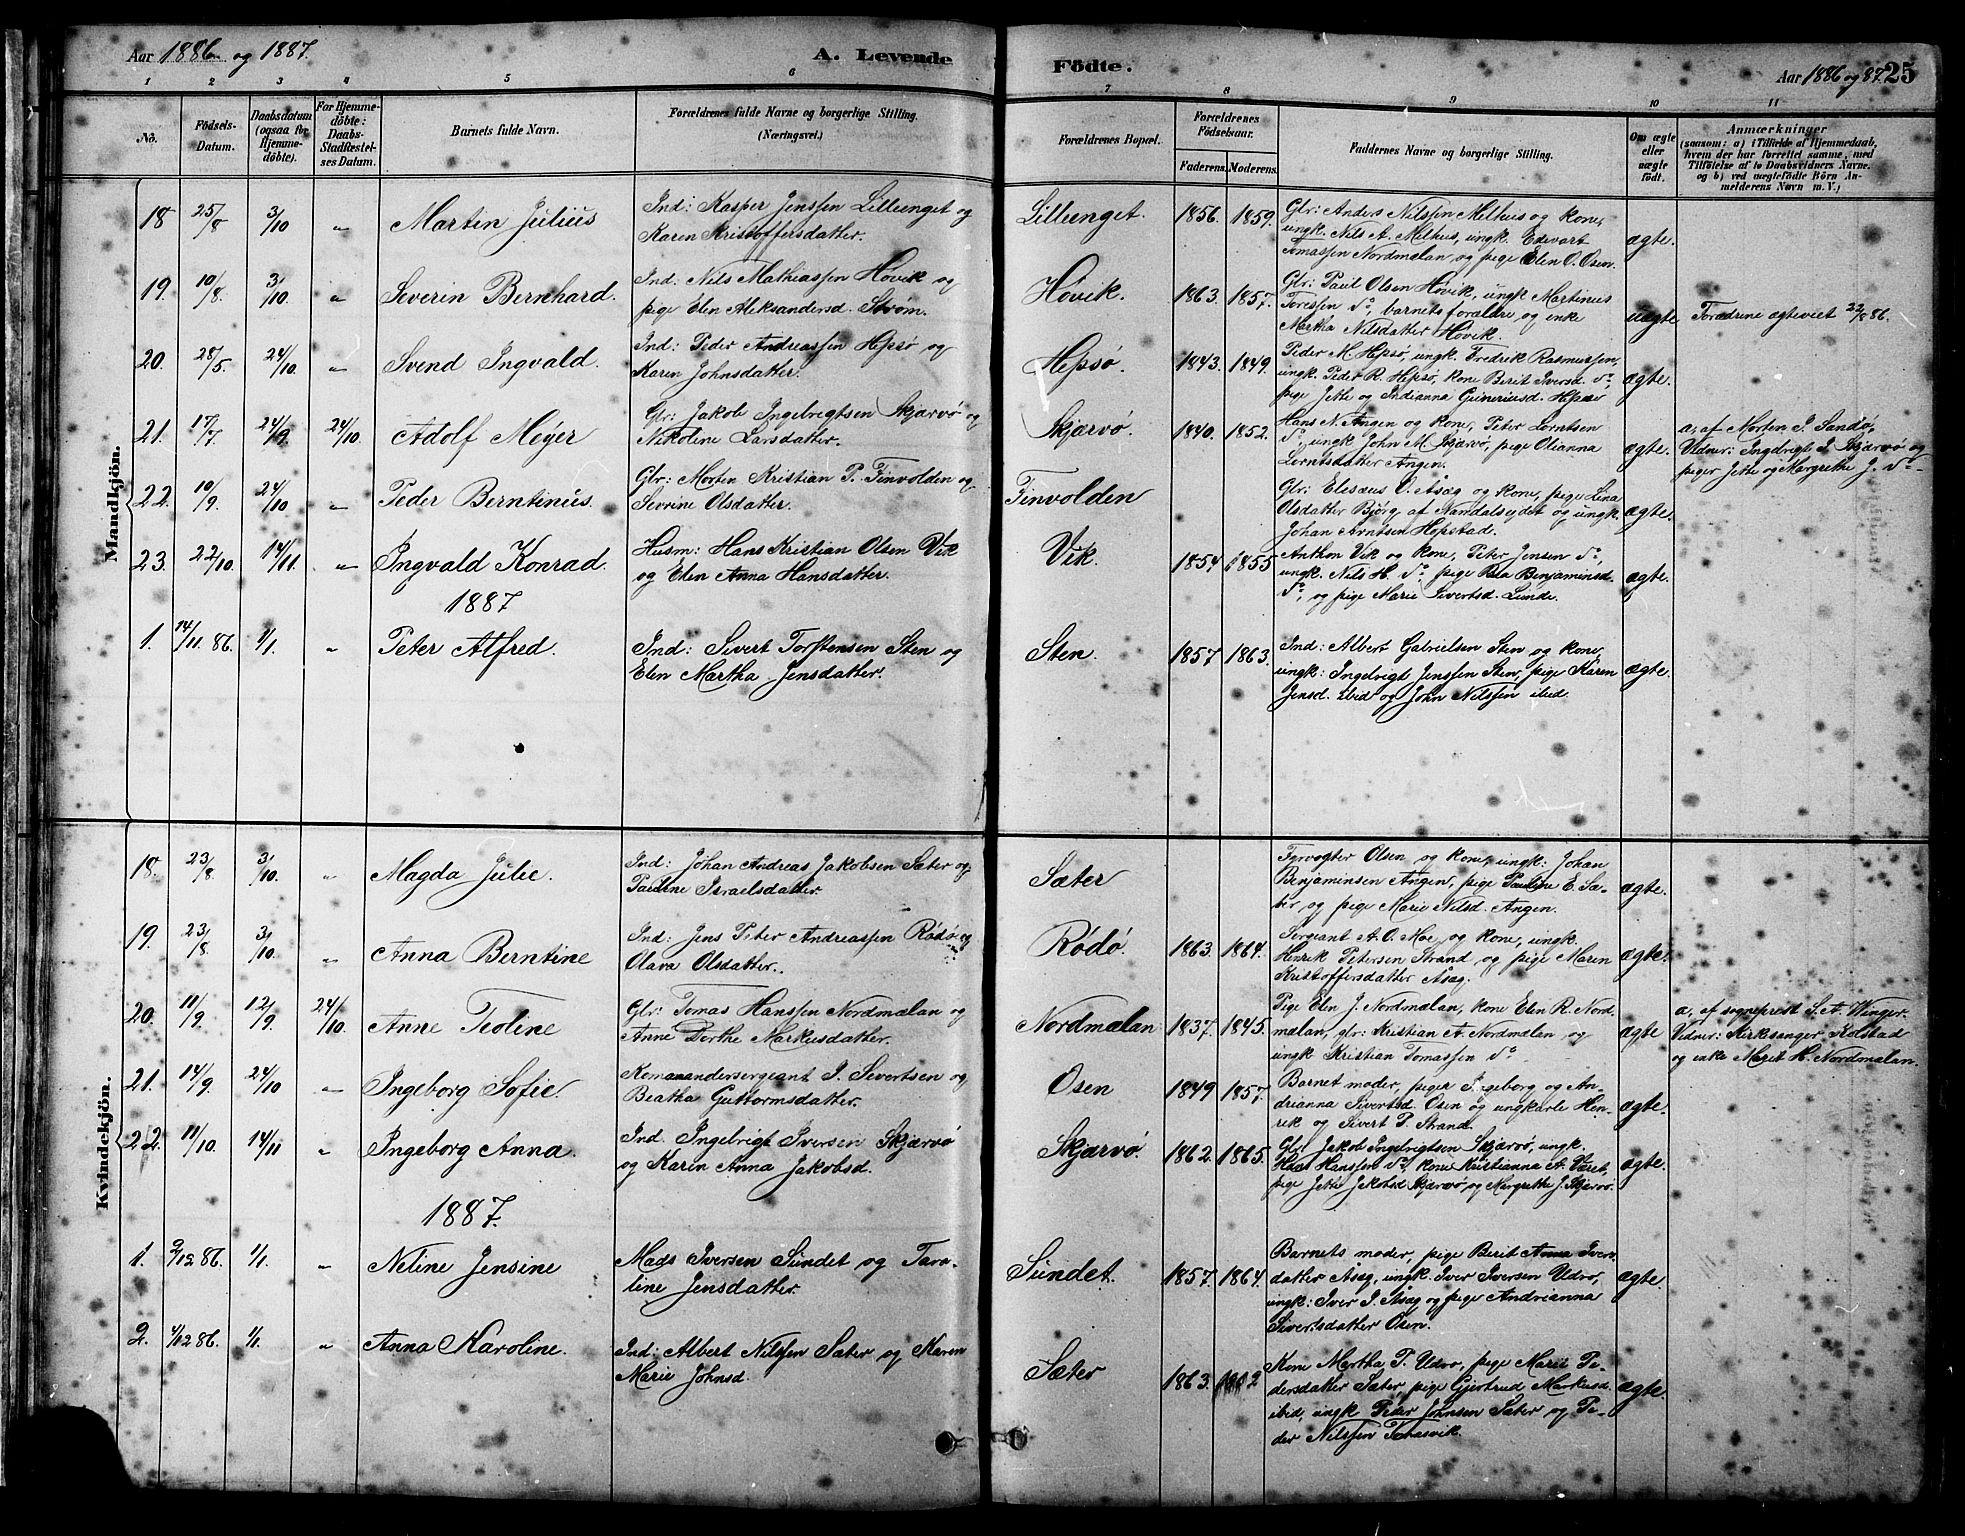 SAT, Ministerialprotokoller, klokkerbøker og fødselsregistre - Sør-Trøndelag, 658/L0726: Klokkerbok nr. 658C02, 1883-1908, s. 25